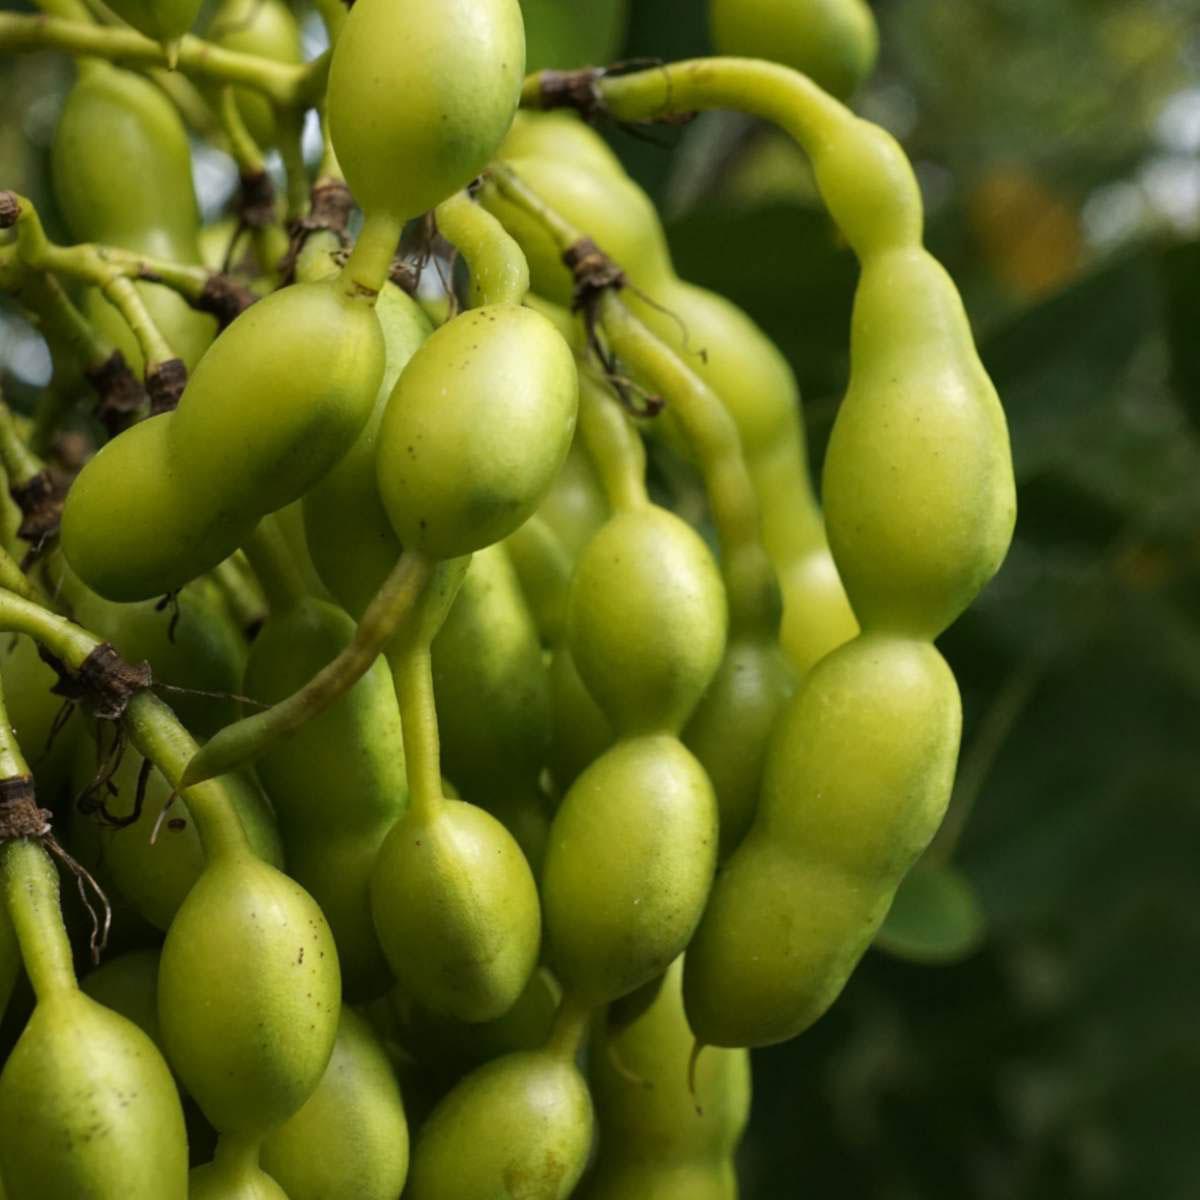 Immature-fruits-of-Pagoda-tree